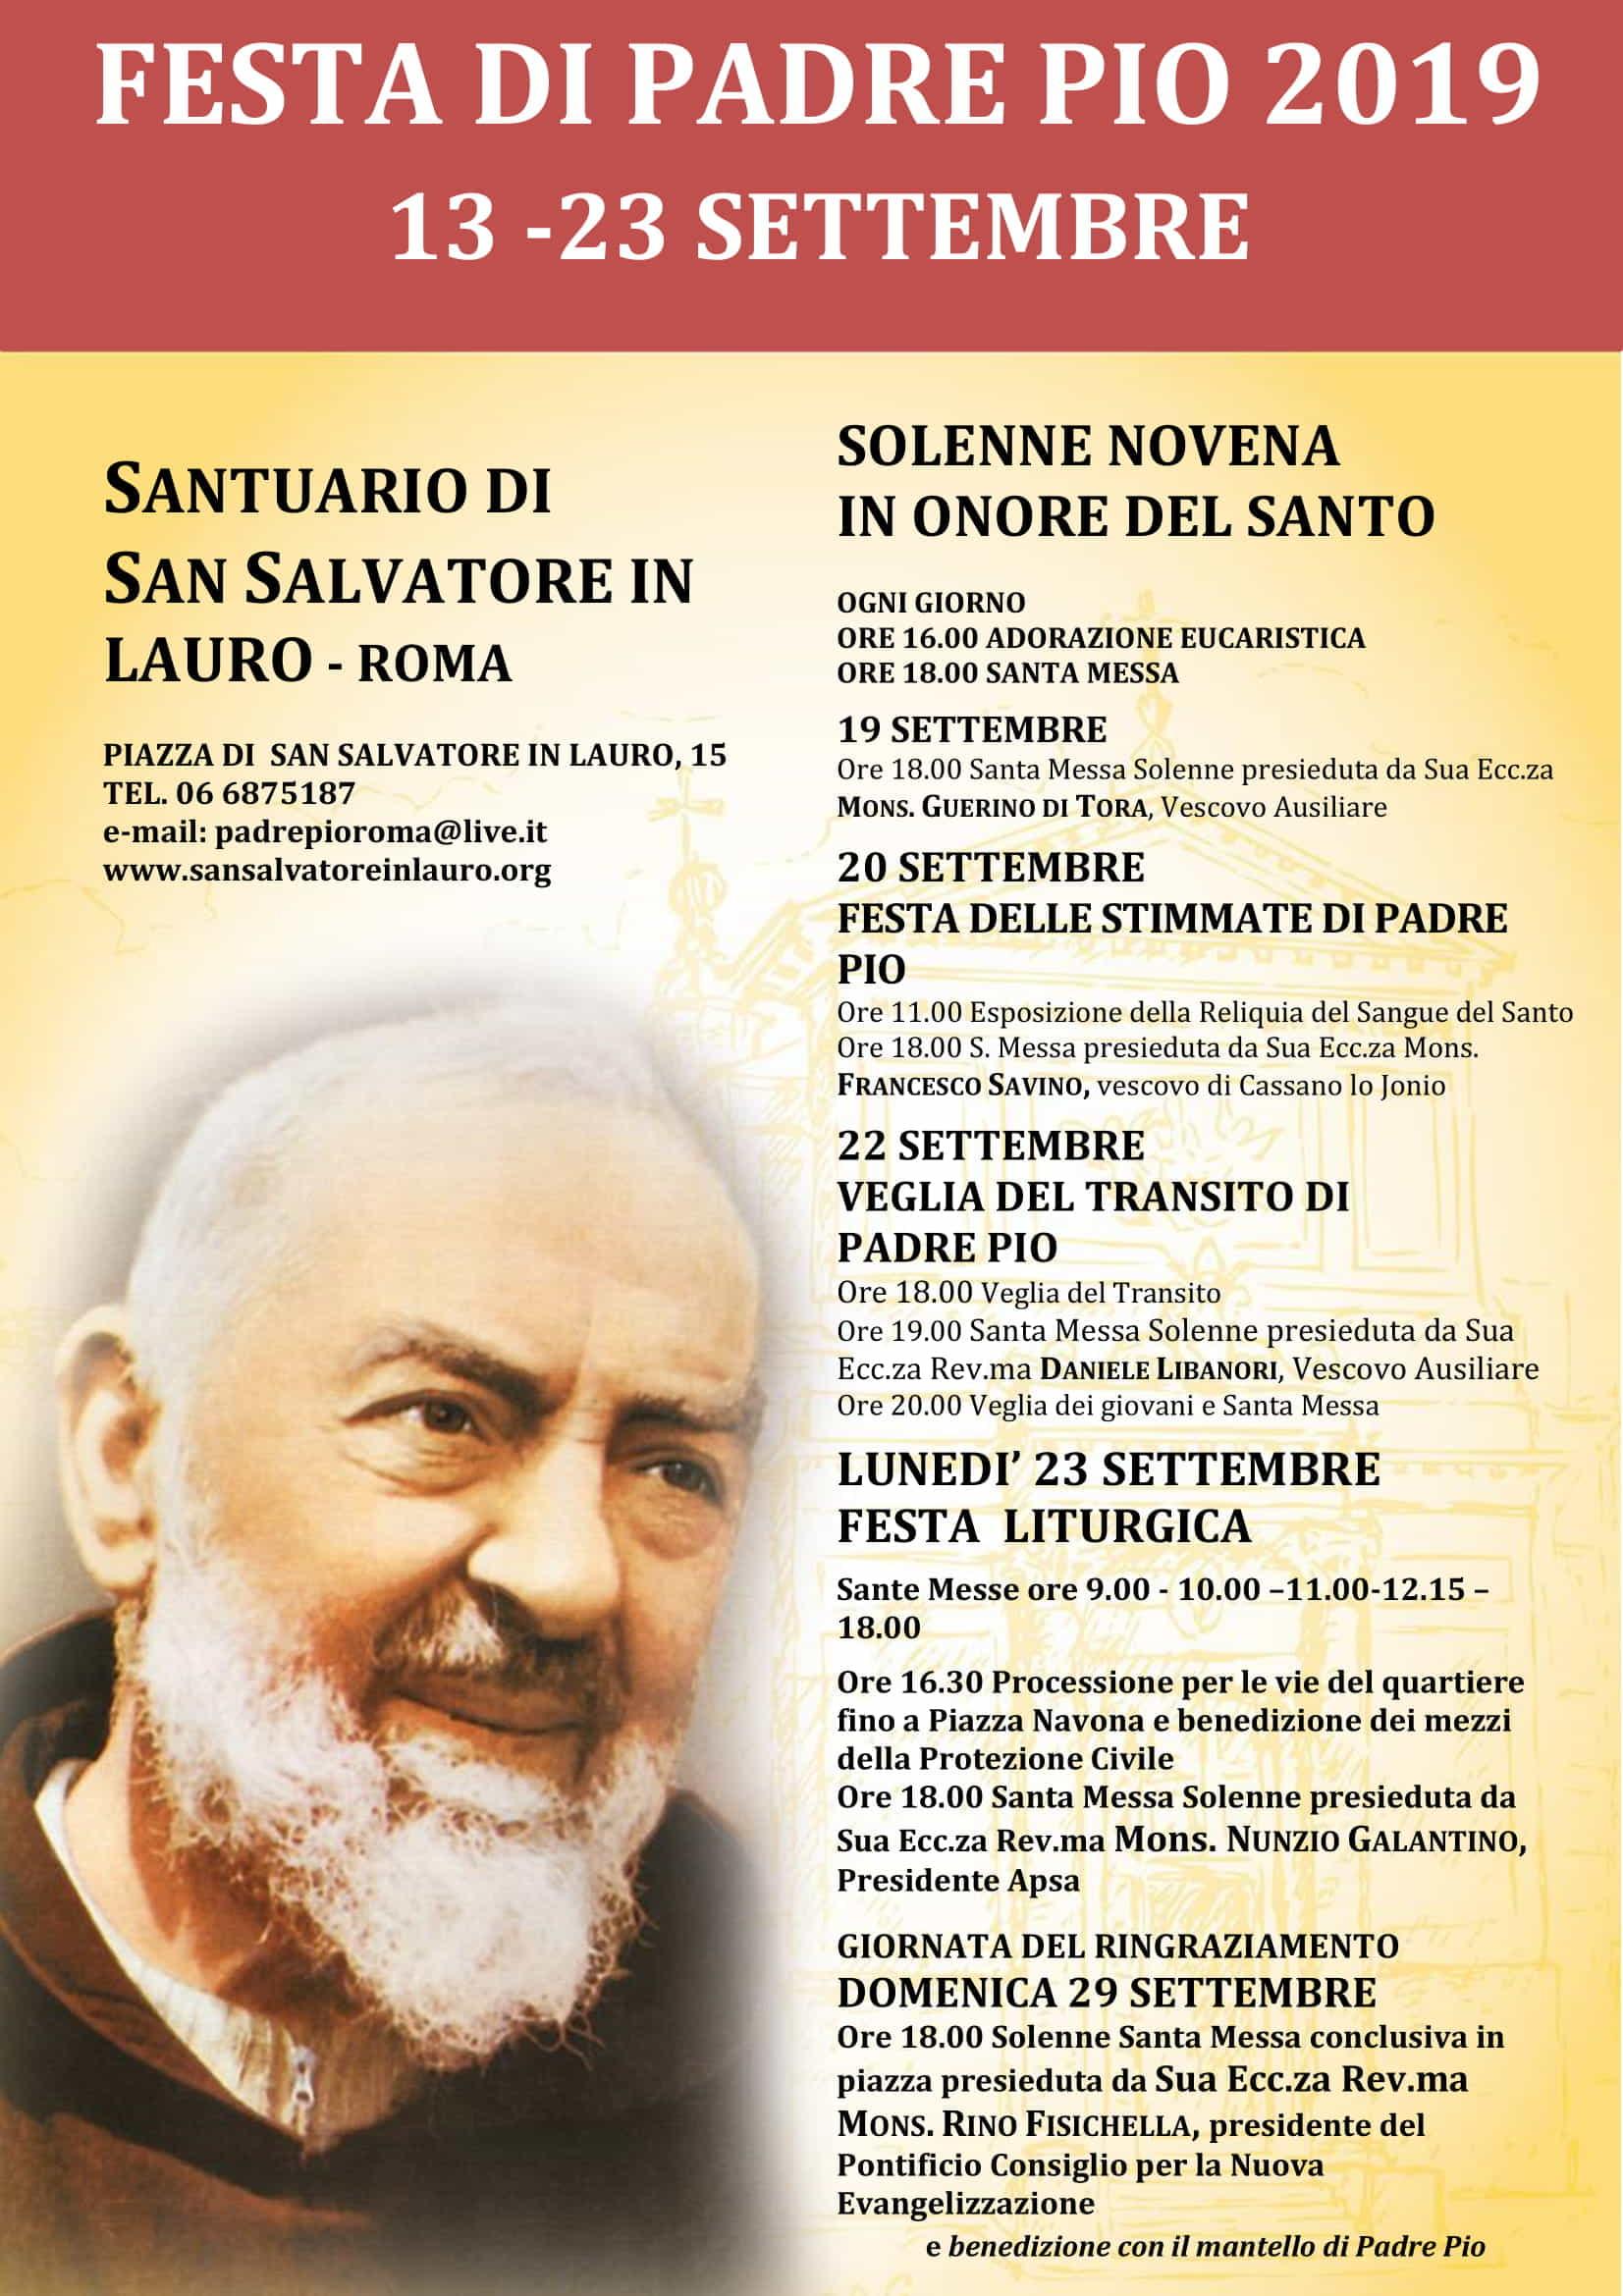 Festa Padre Pio 2019-1-2